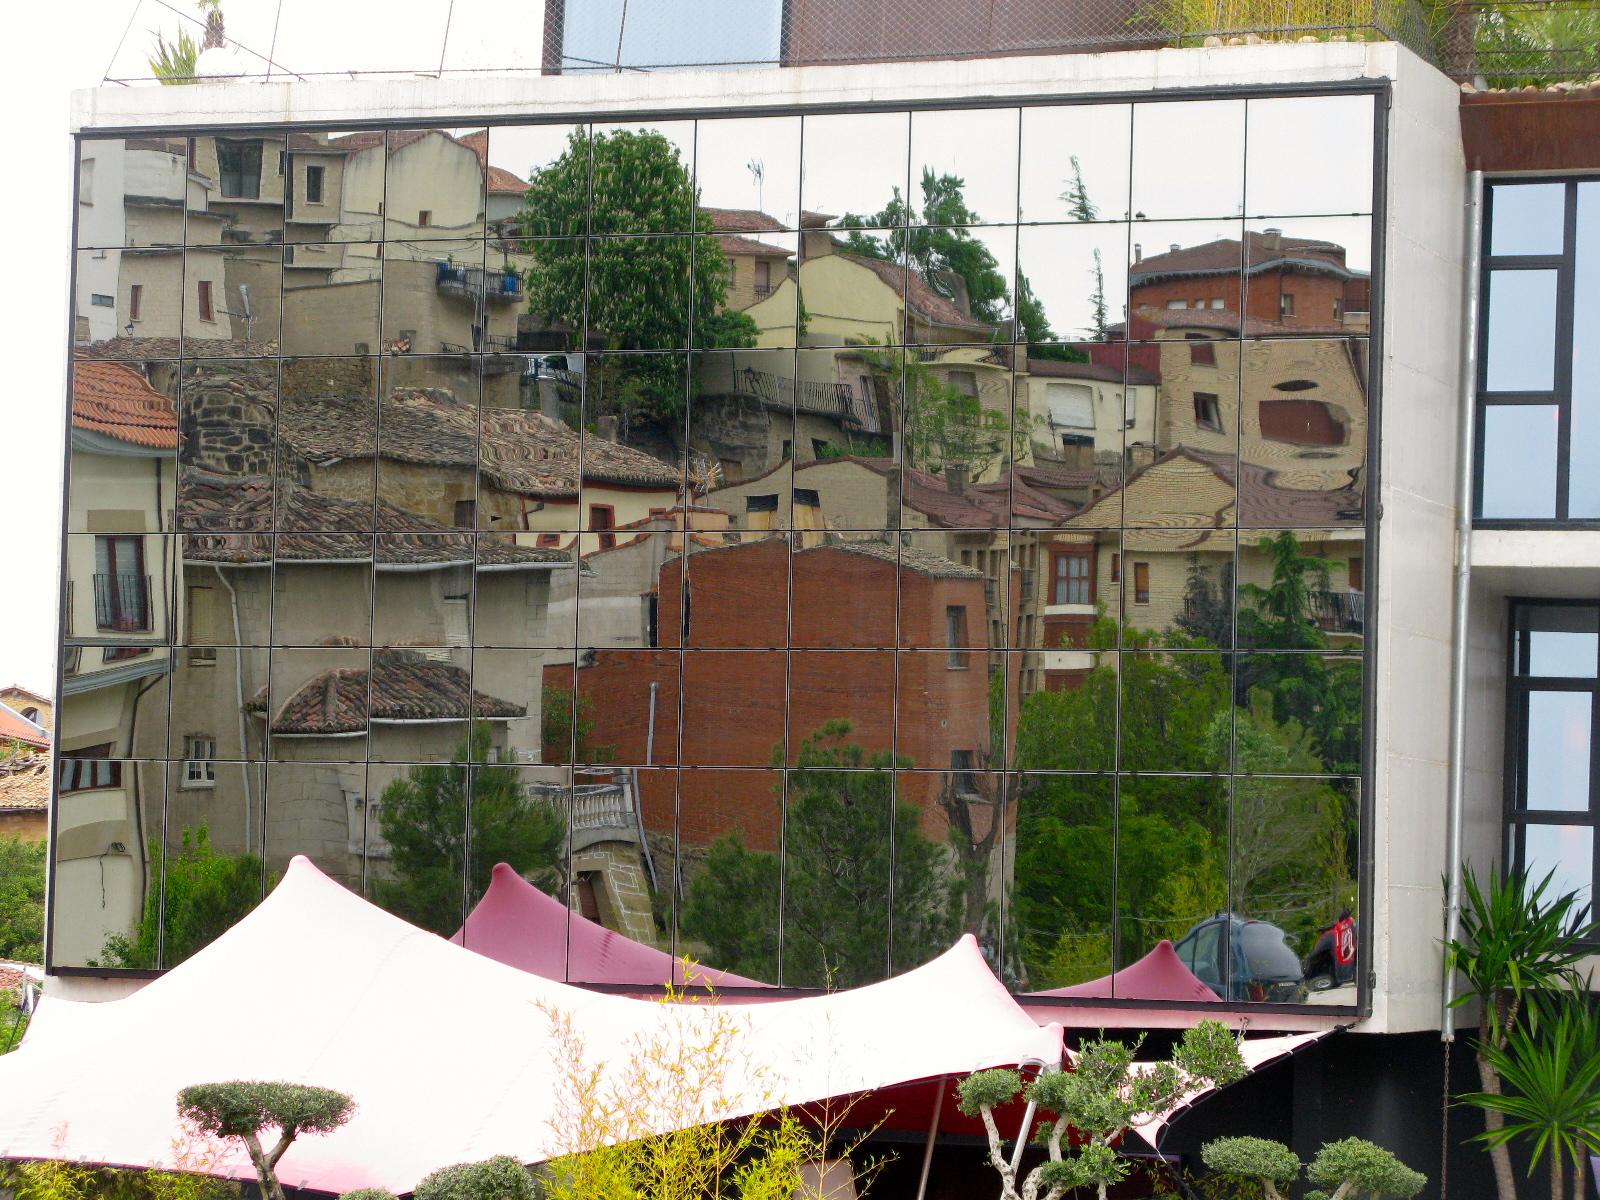 The wines of rioja lifebylyle for Villabuena de alava